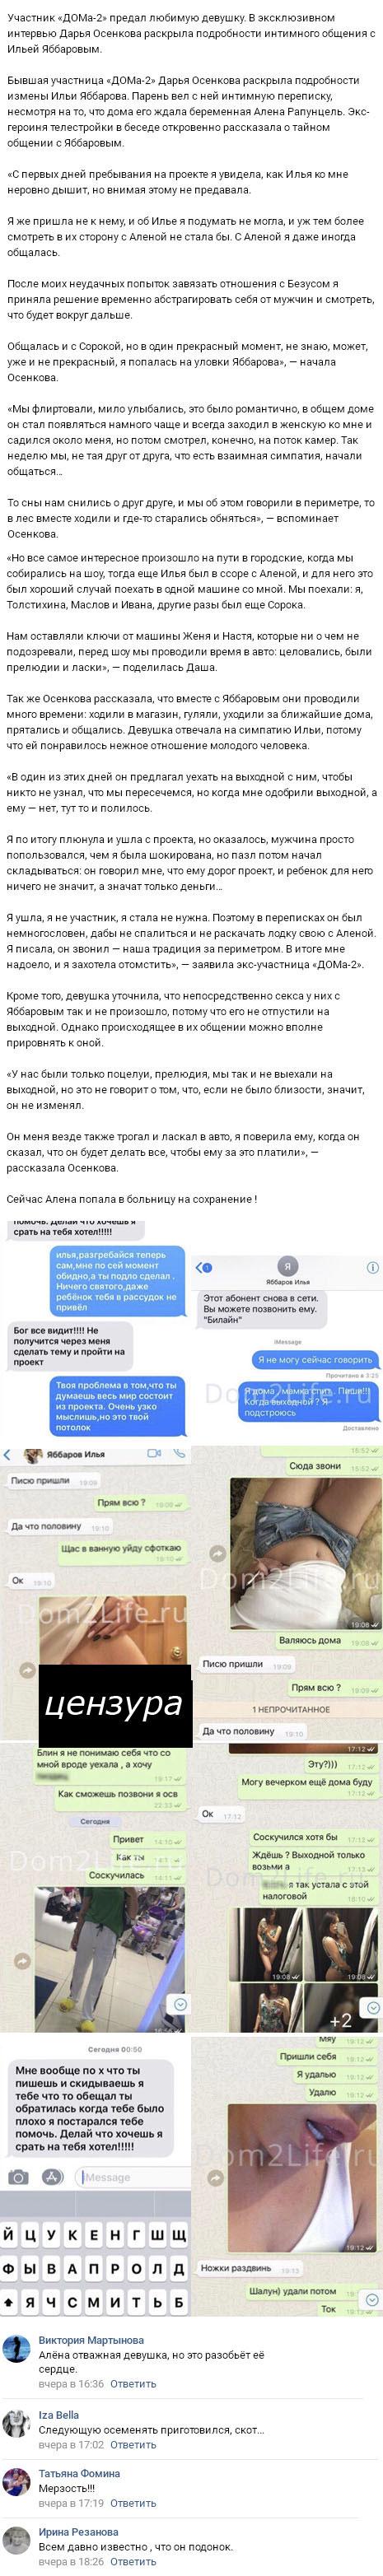 Переписка Яббарова с бывшей участницей